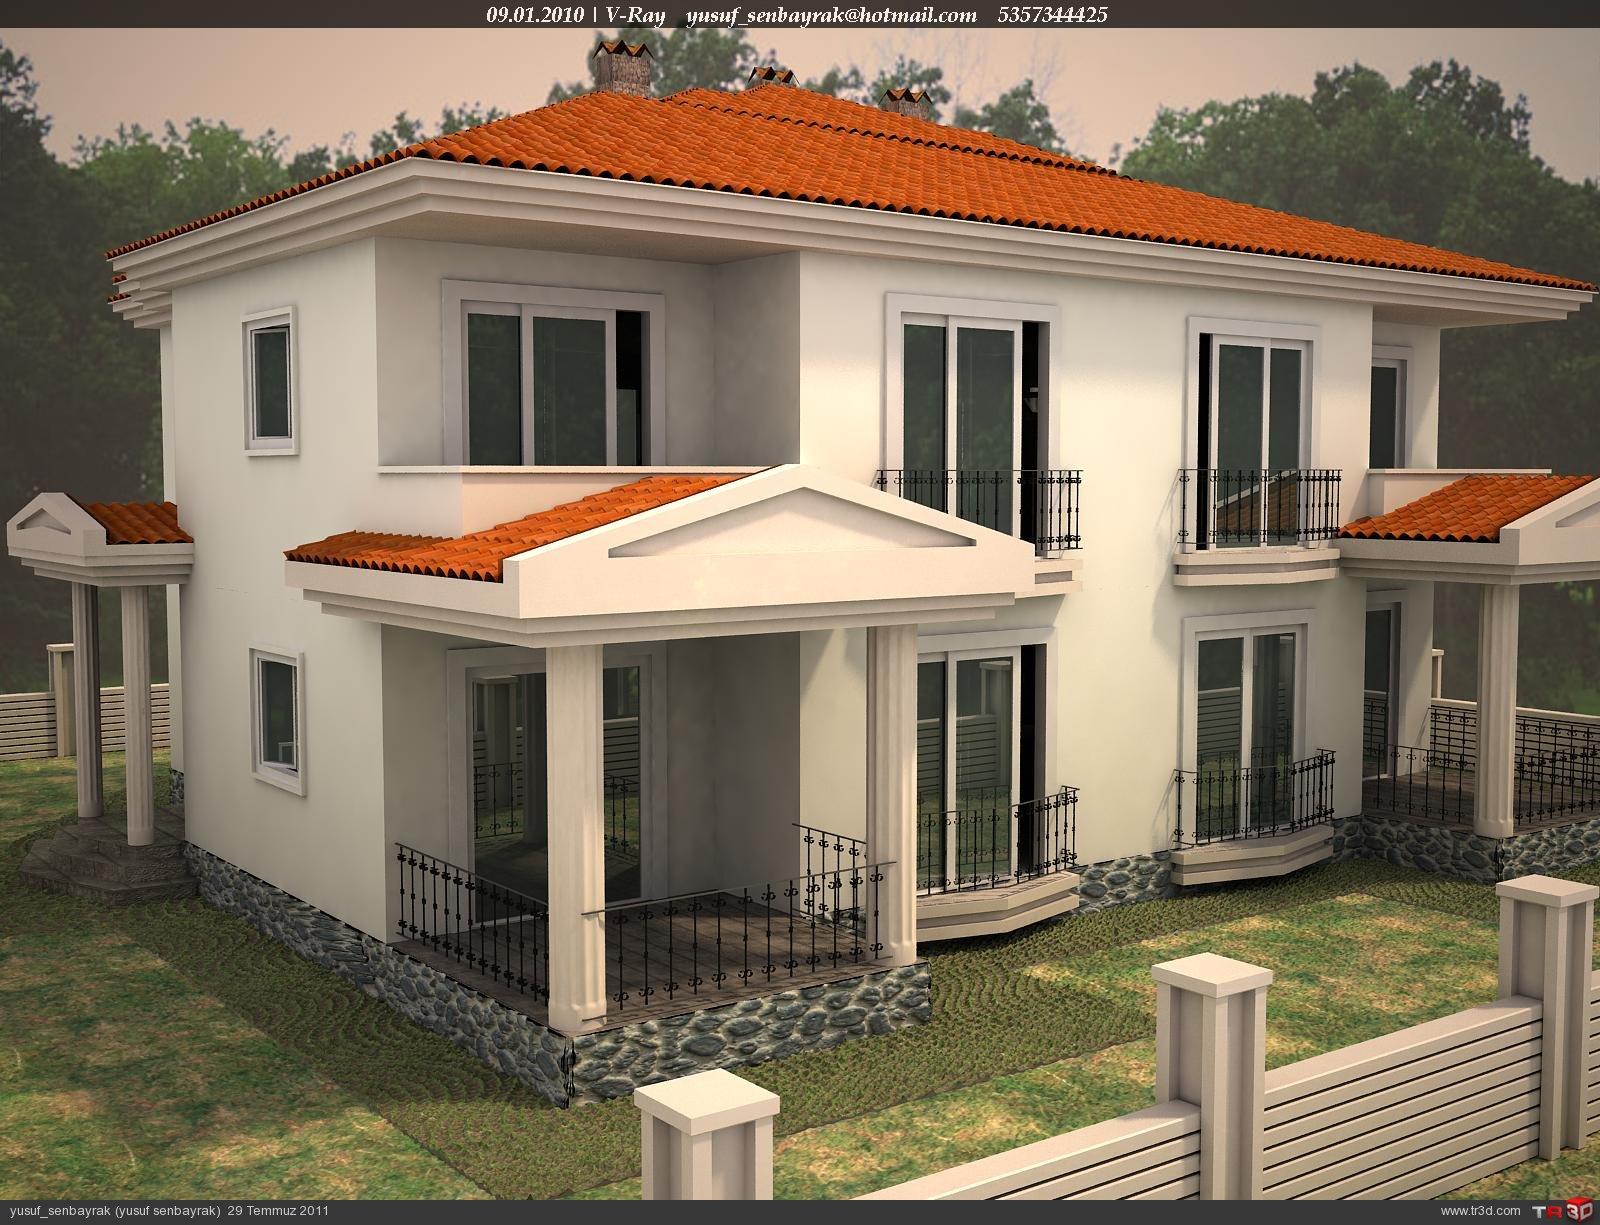 3d Max Wallpaper 3d Max Ev Modeli Mimari Projeler